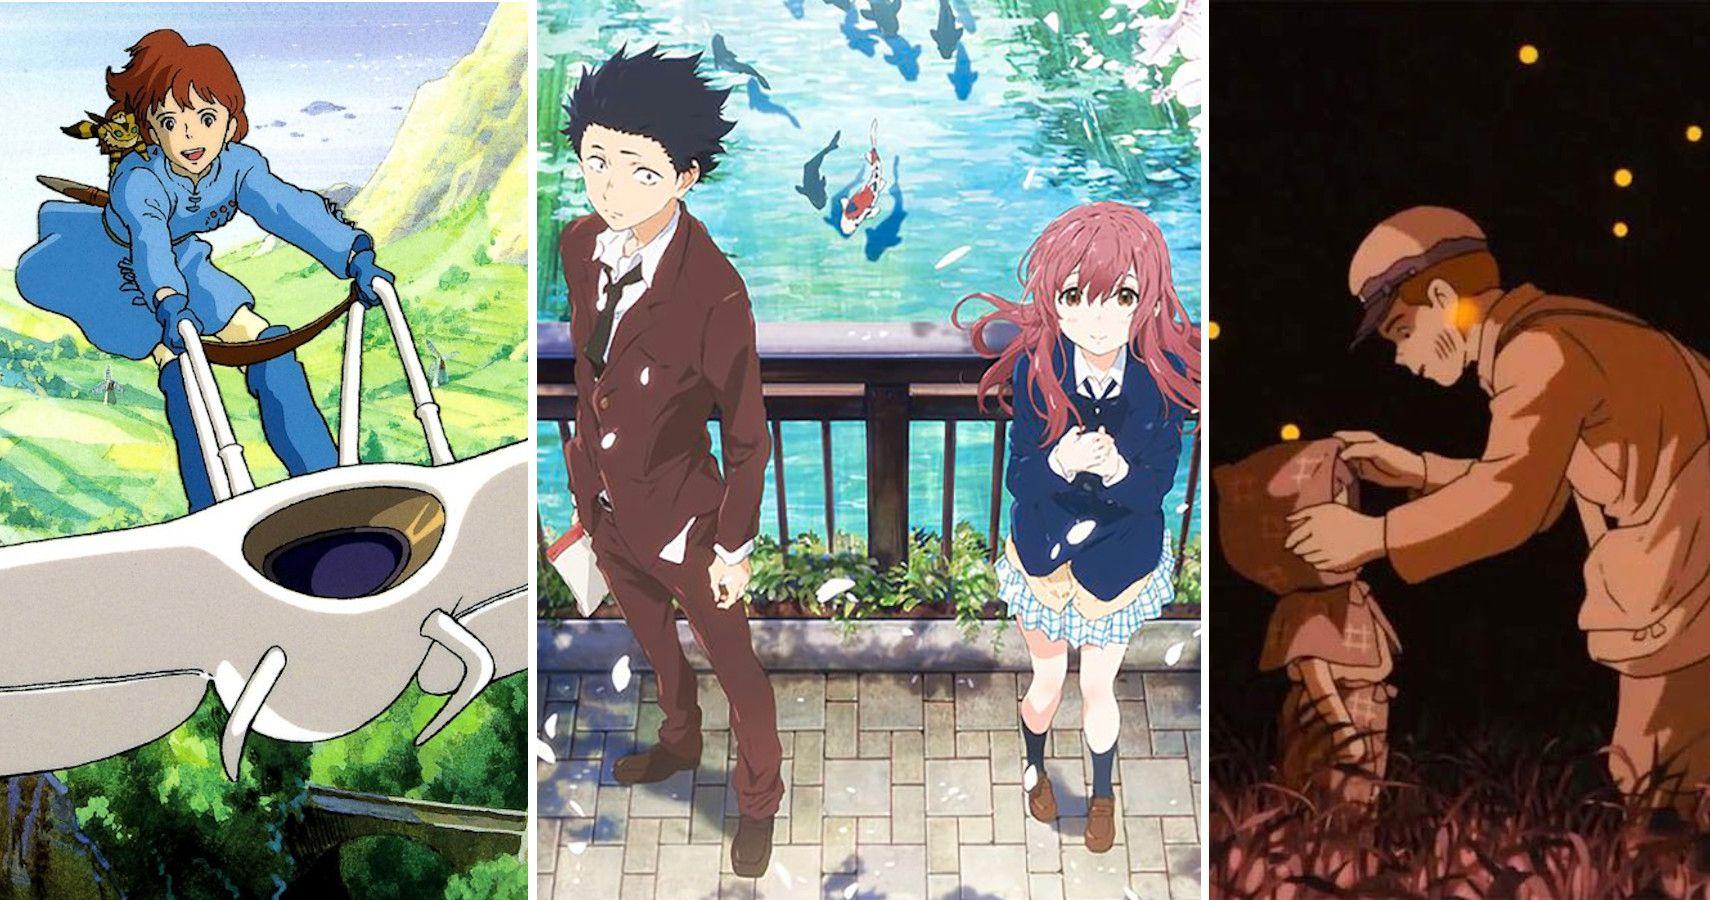 Alicia En El Pais De Las Maravillas Anime Porno las mejores películas anime de la historia   cultture